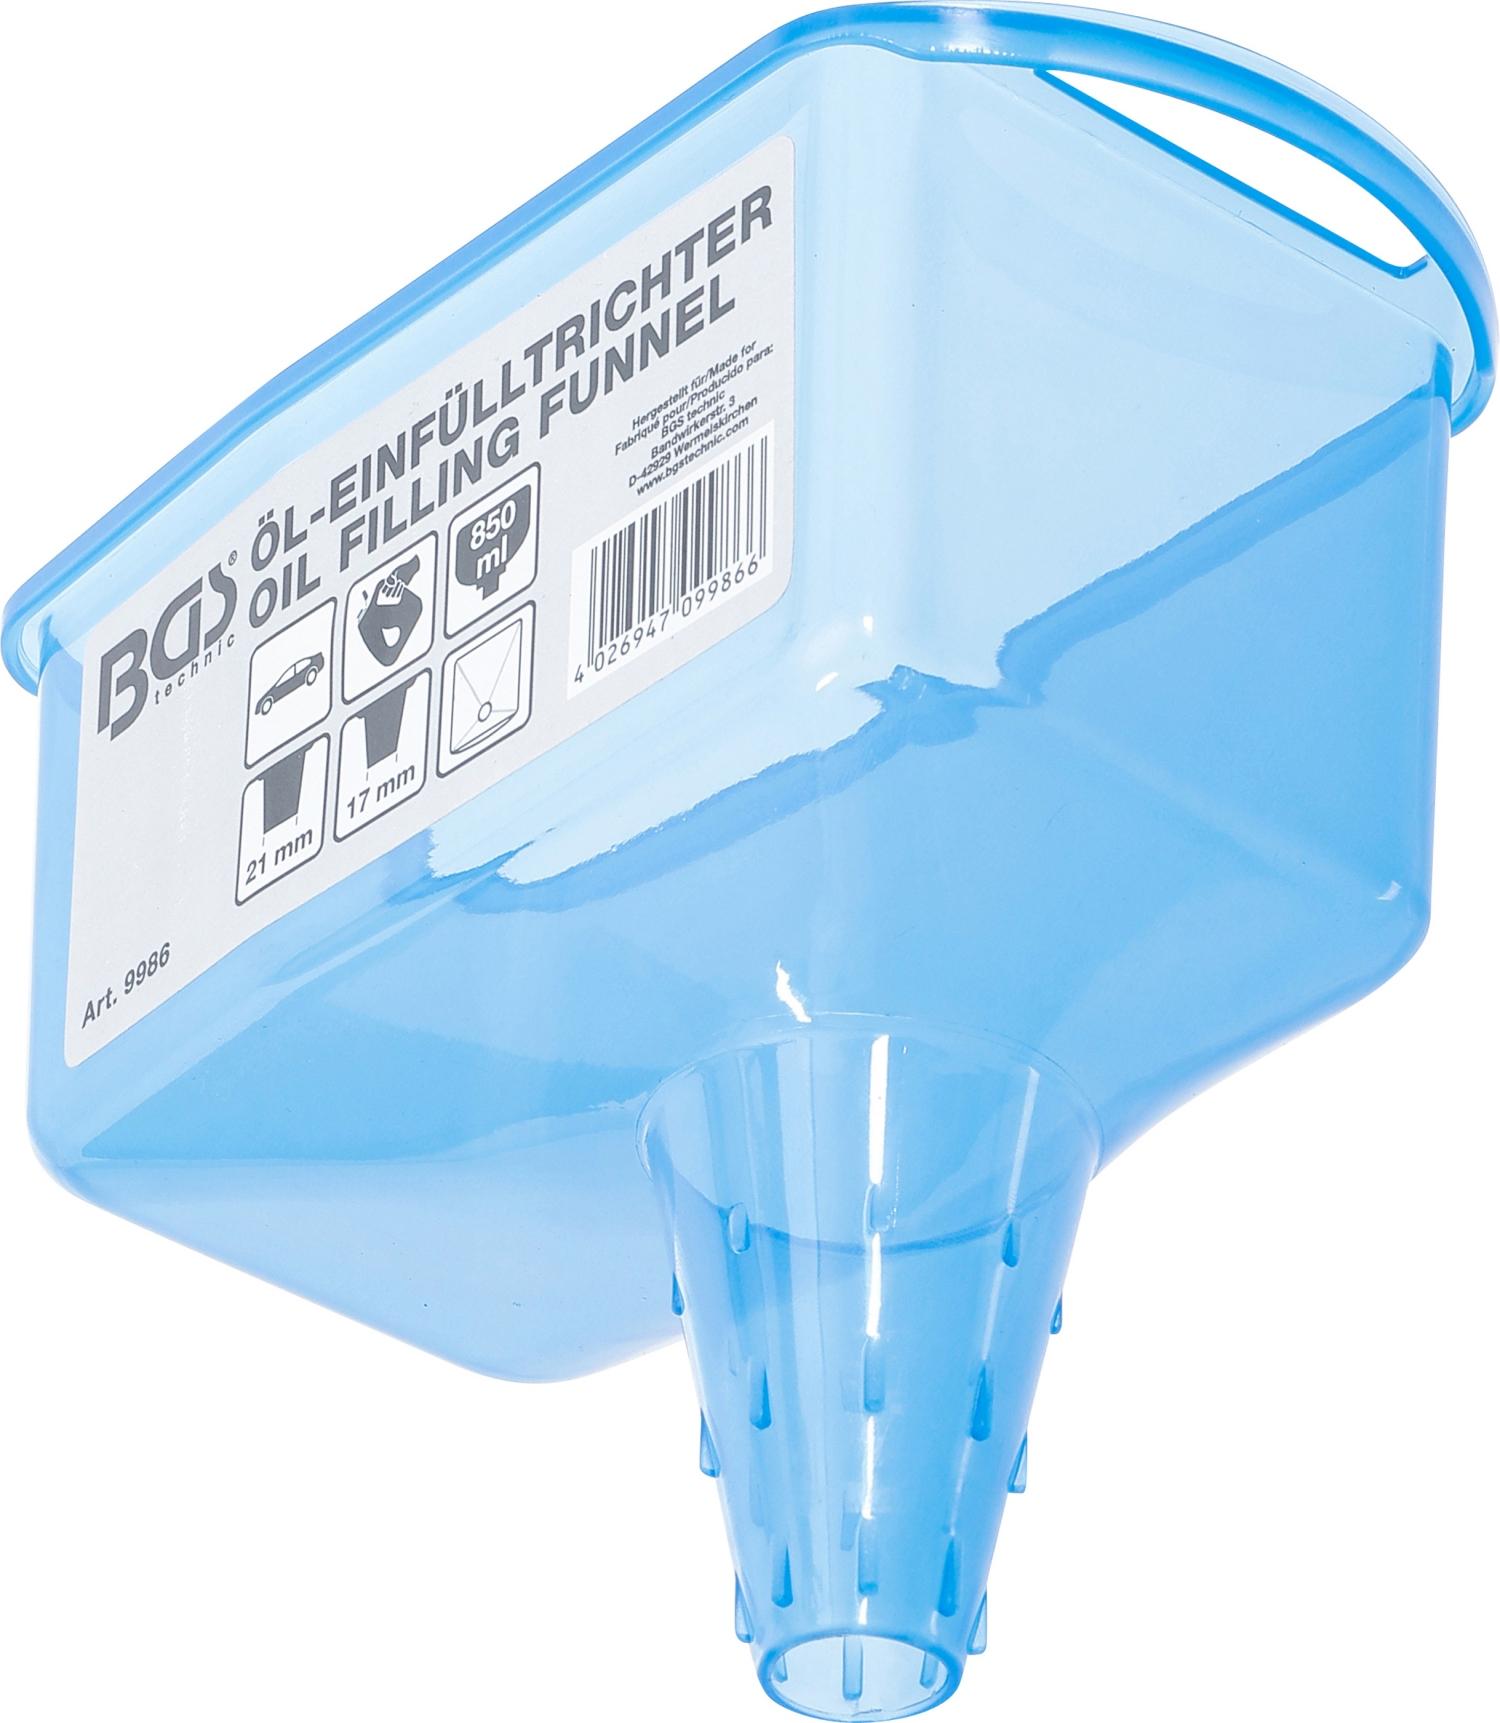 BGS 9986 Trichter zum Öleinfüllen, Öleinfülltrichter, blau, 850ml Resevoir